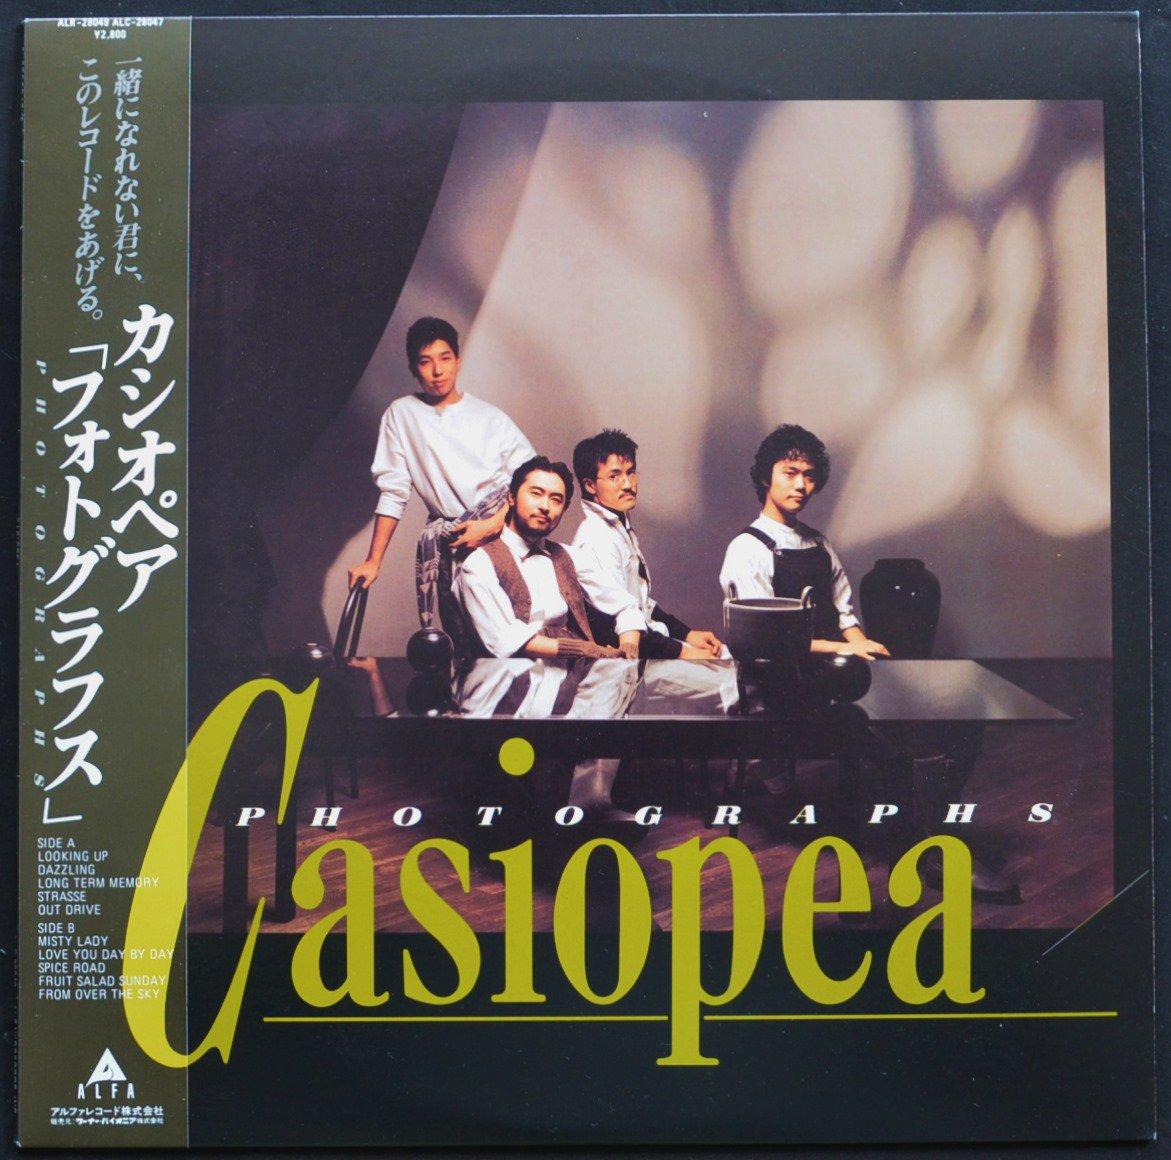 カシオペア CASIOPEA / フォトグラフス PHOTOGRAPHS (LP)